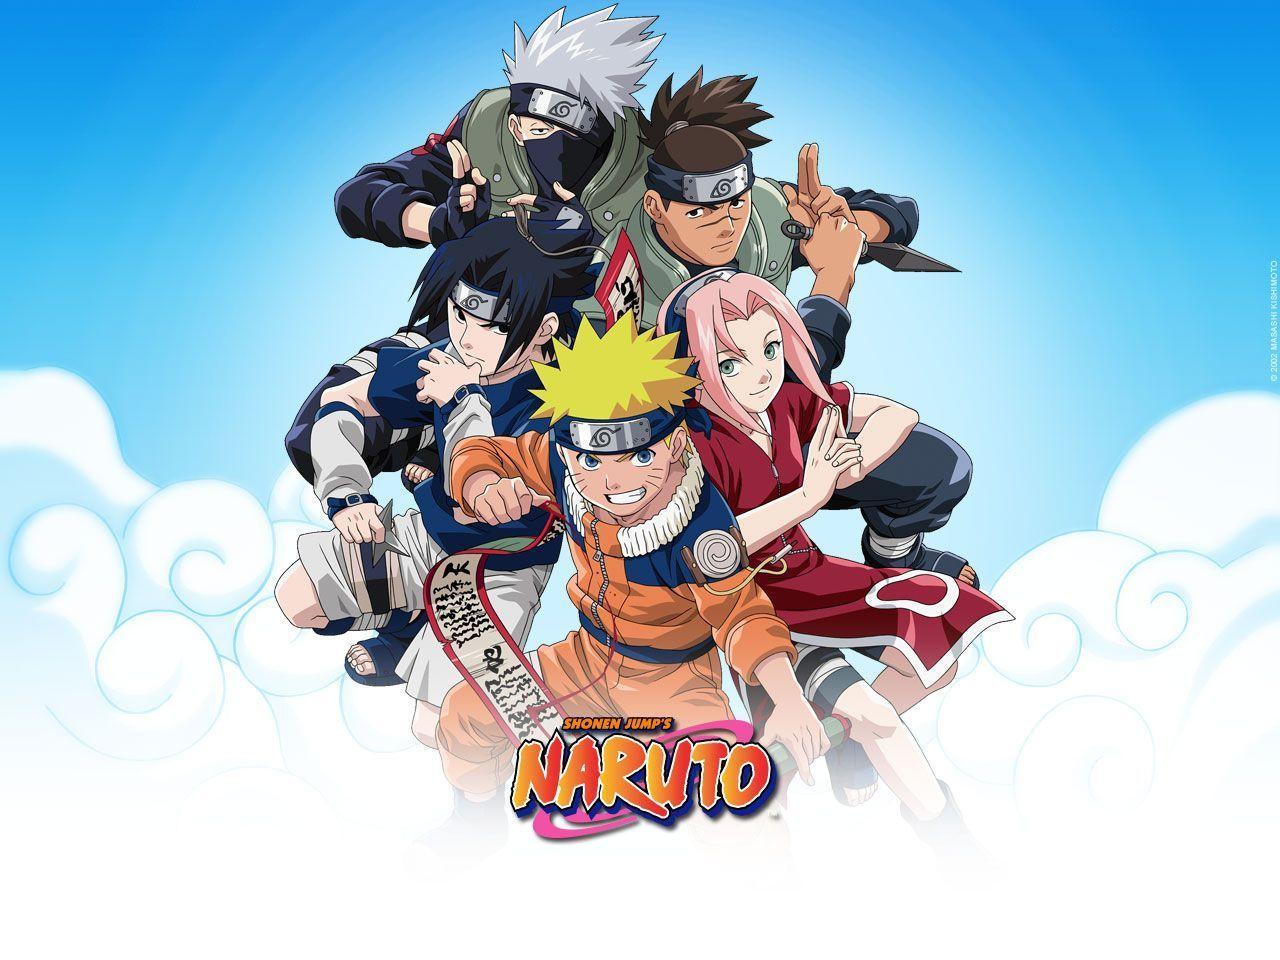 Naruto Character Wallpapers Wallpaper Cave